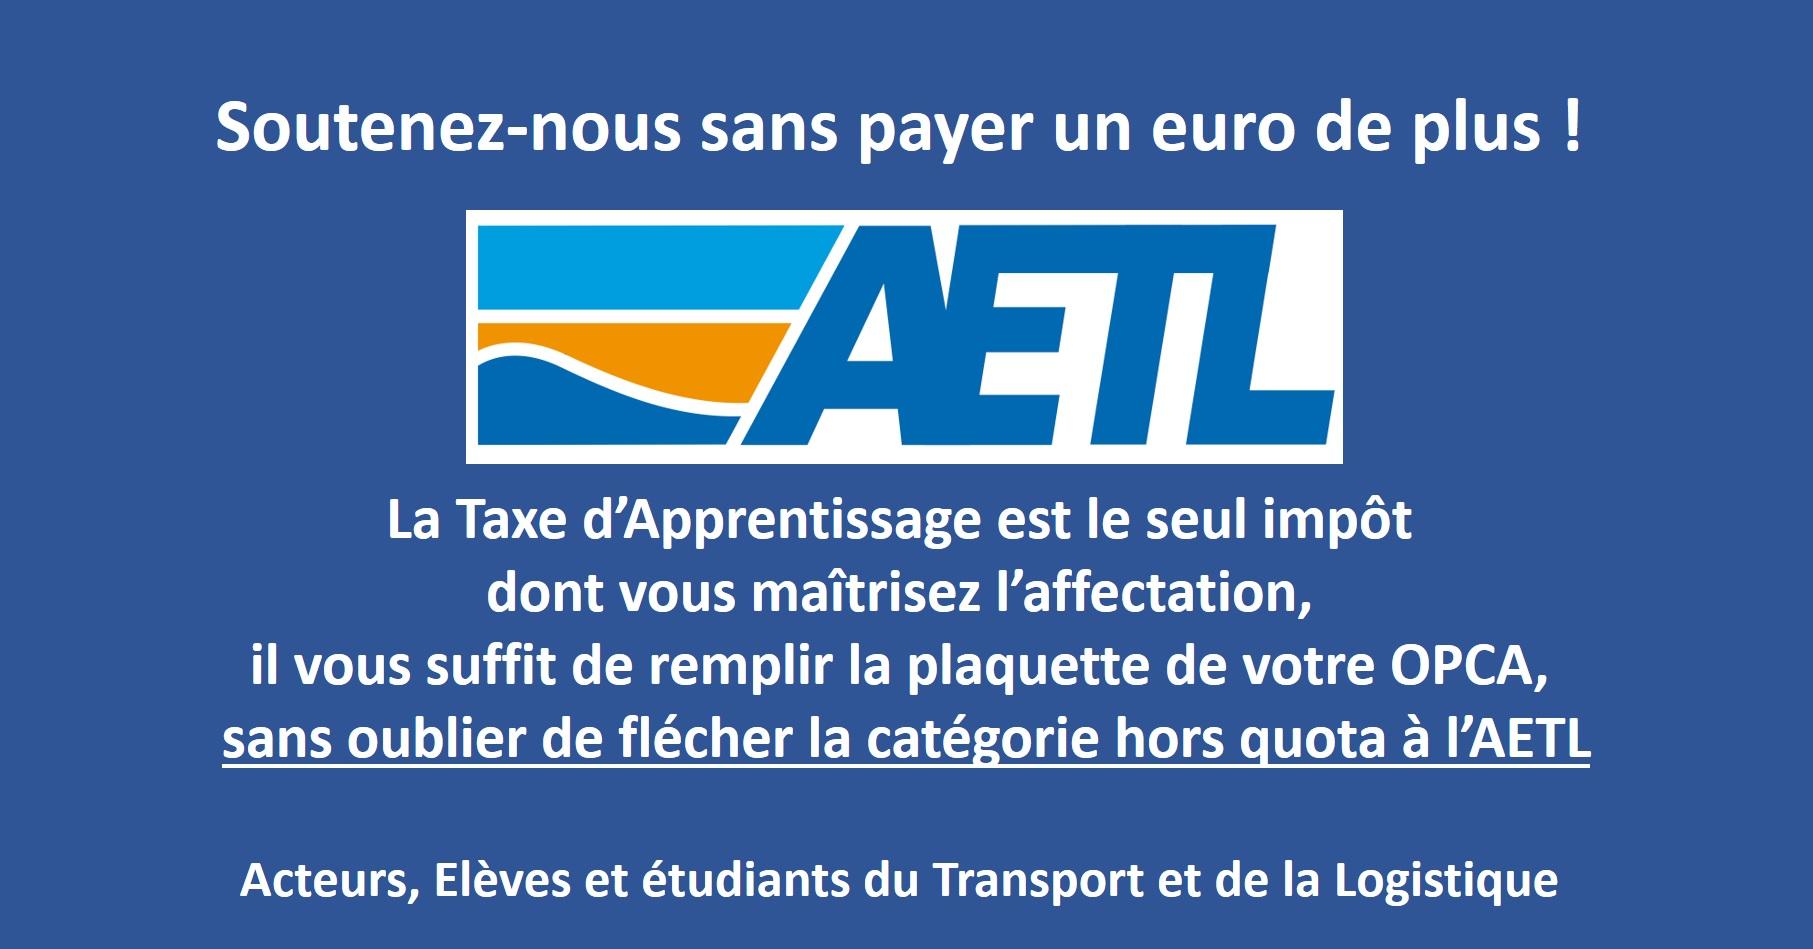 Soutenez l'AETL gratuitement !...